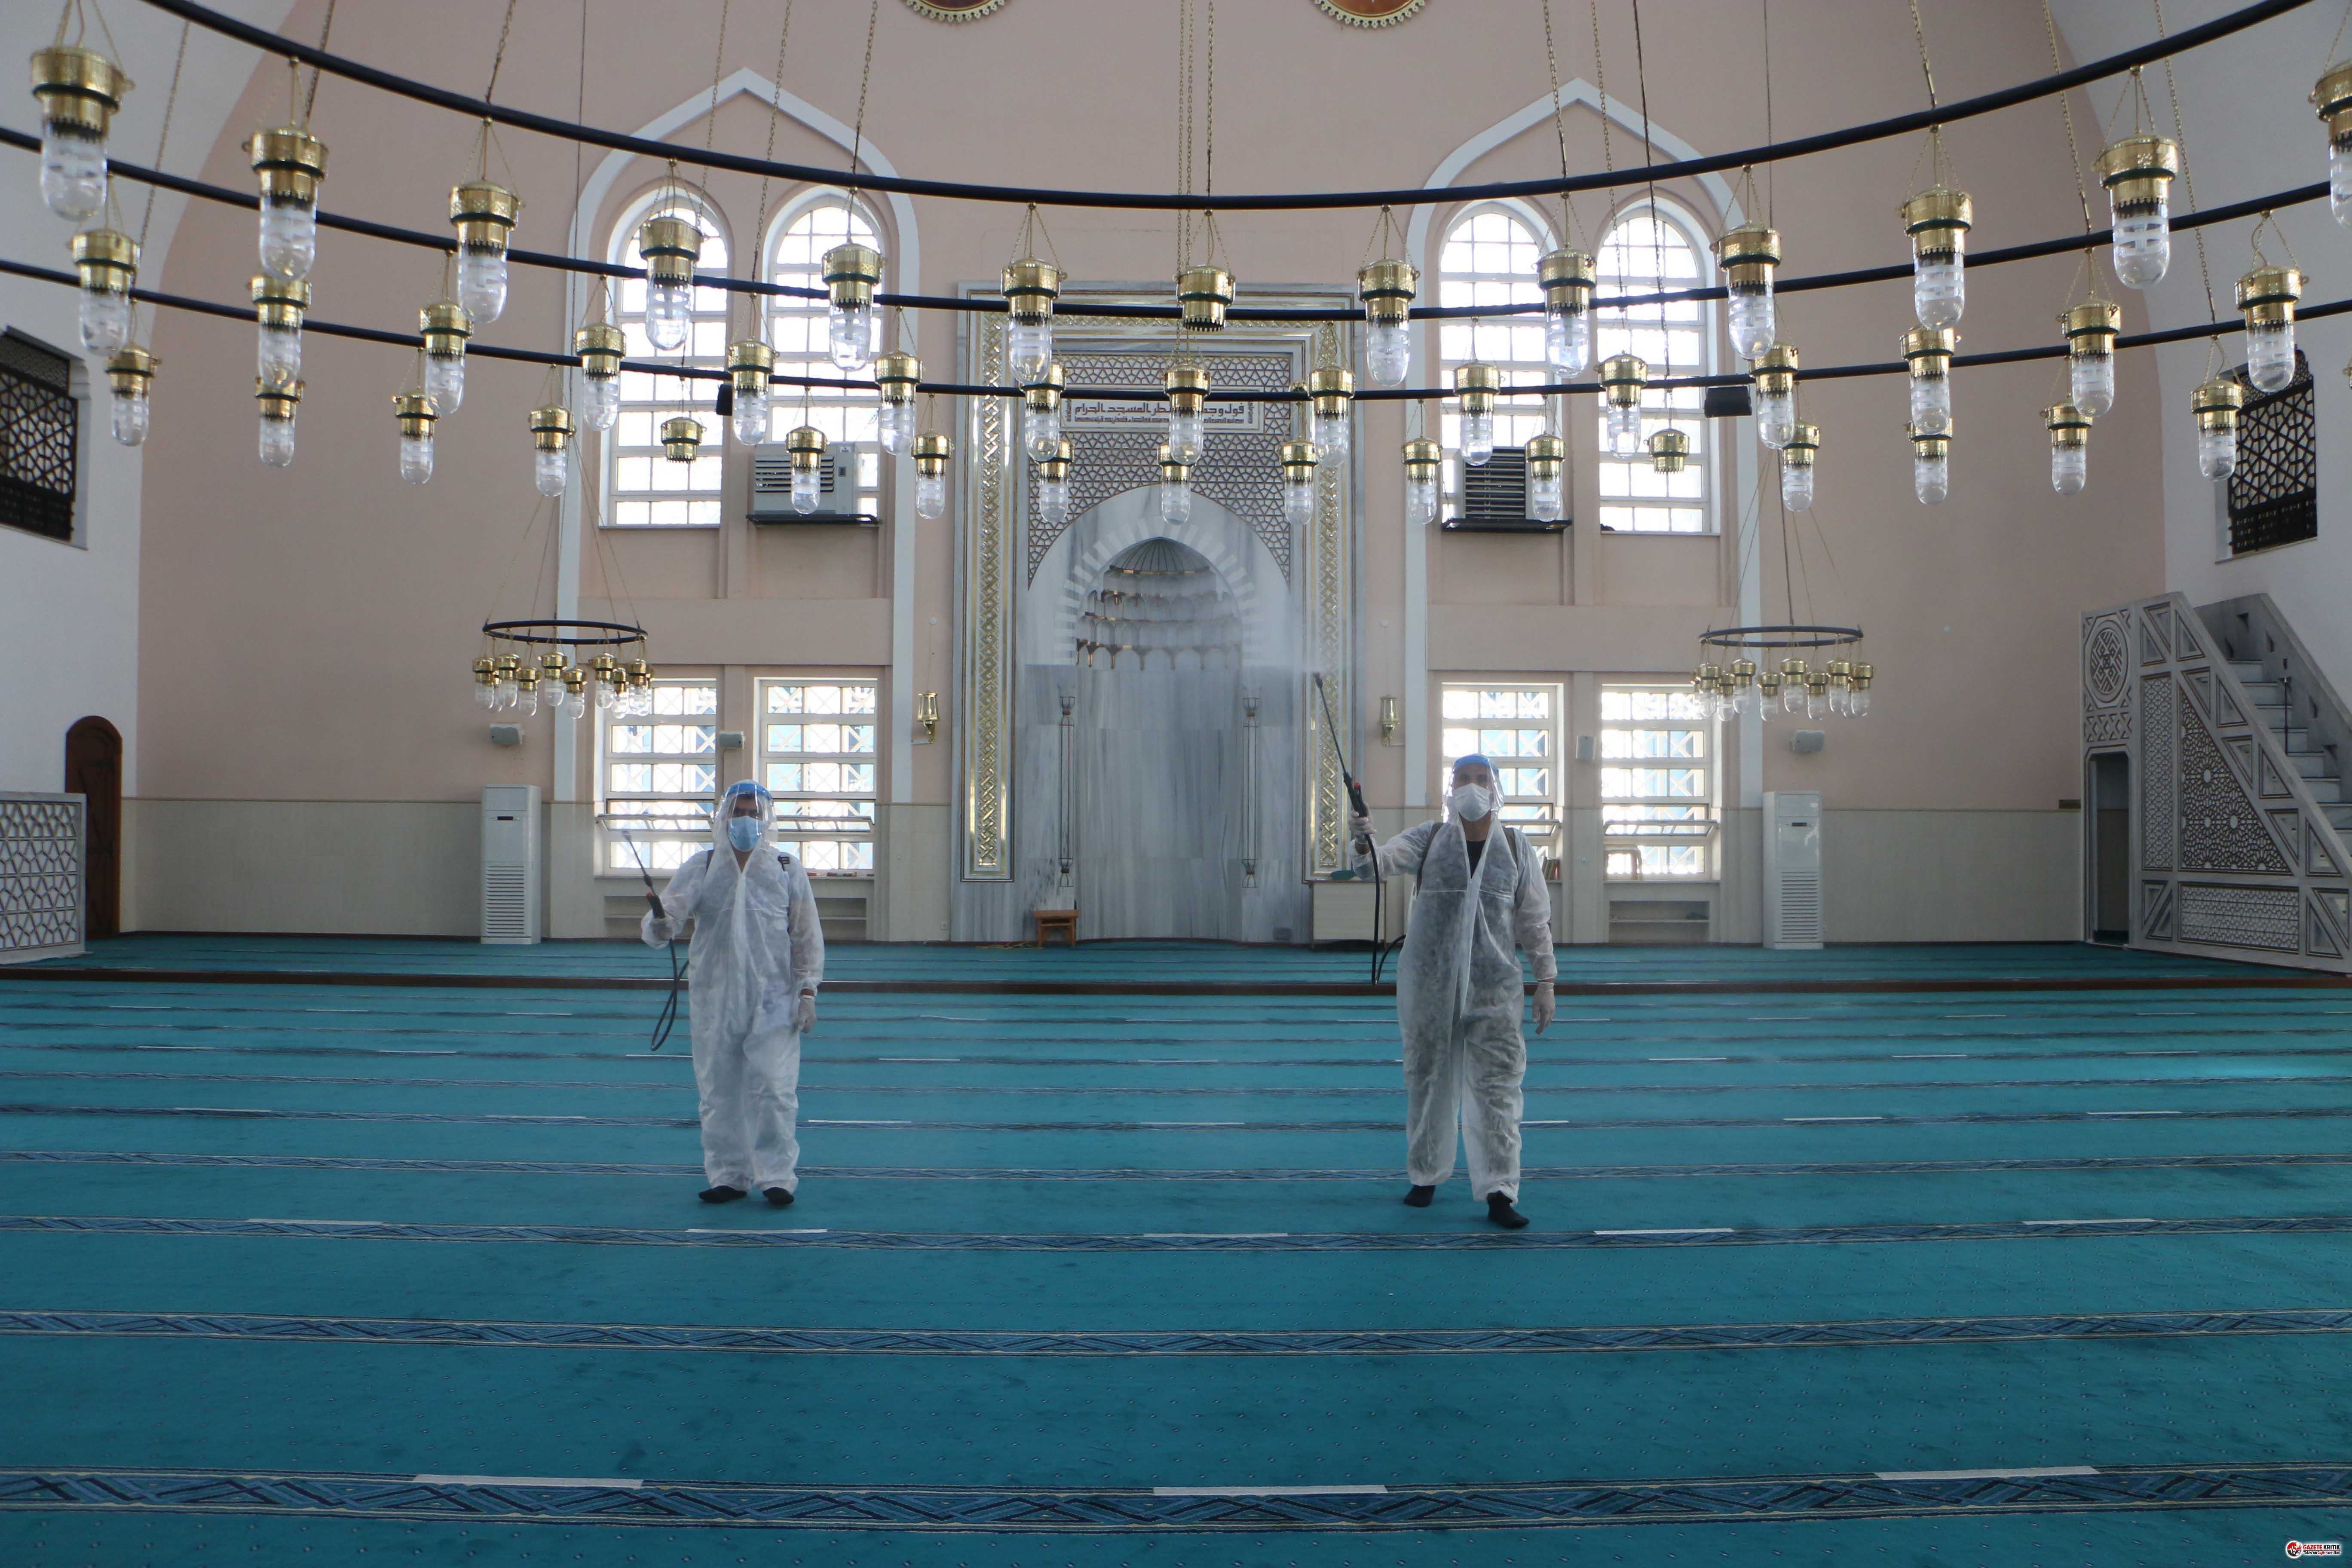 Kartal'daki ibadethaneler bayram öncesi dezenfekte edildi